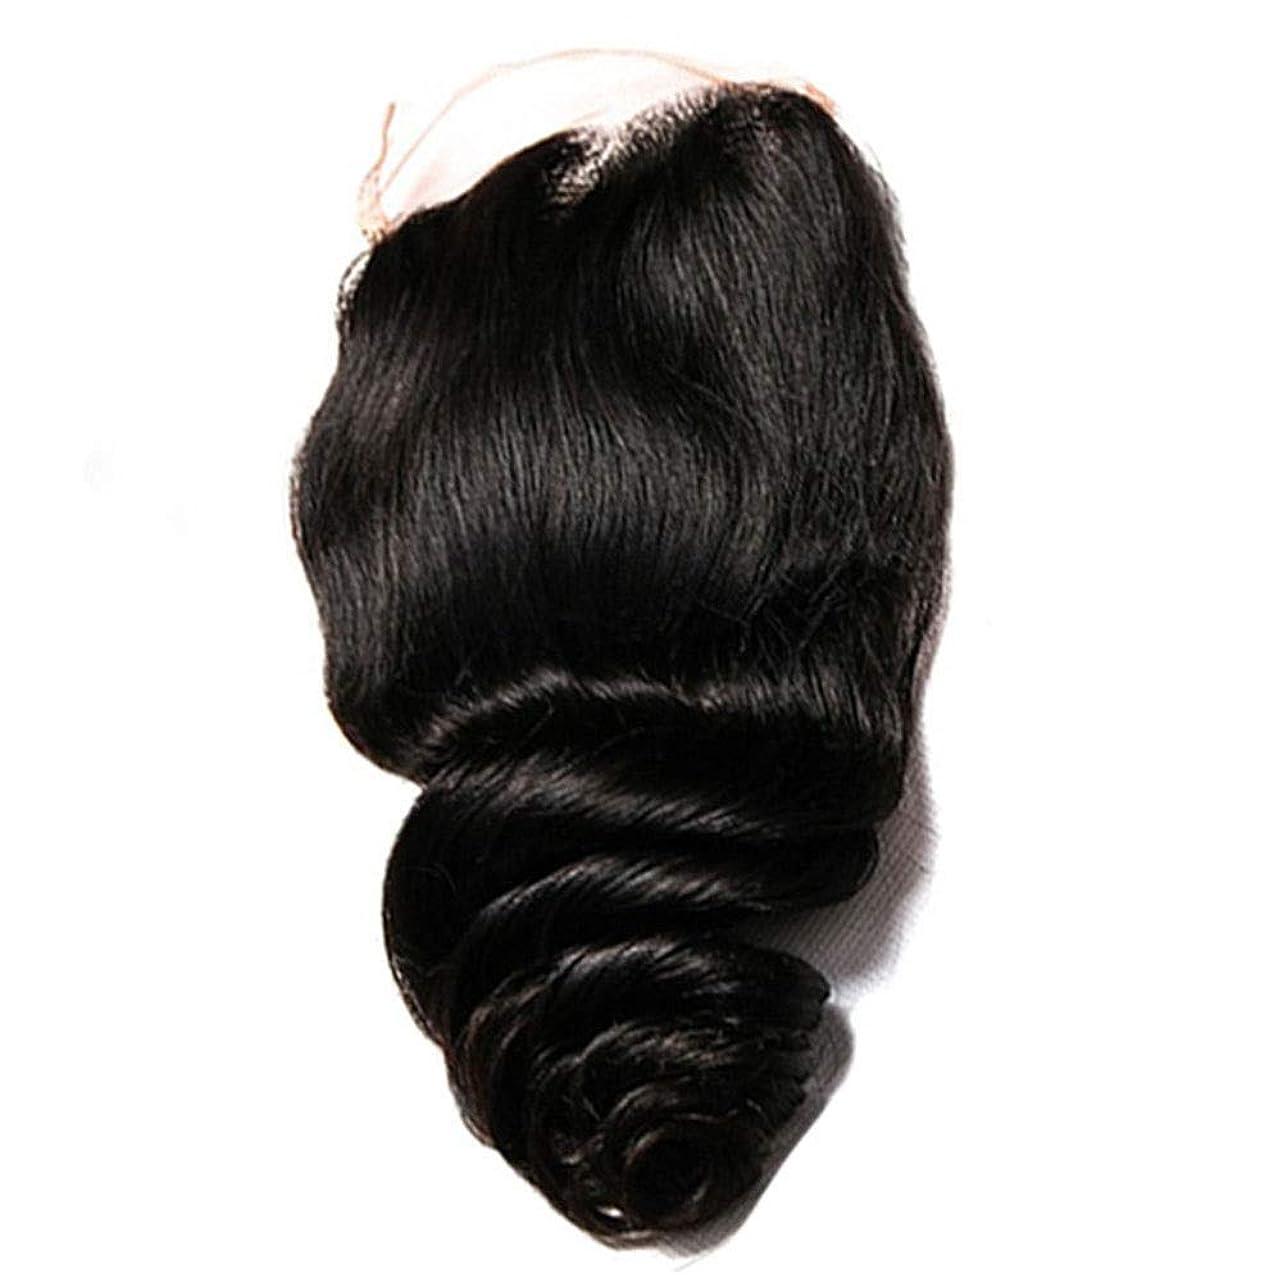 変形する土器税金Yrattary 女性のルースウェーブヘアエクステンションブラジルの人間の髪織りレースの閉鎖4 x 4自由な部分の髪の女性のかつらレースのかつらロールプレイングかつら (色 : 黒, サイズ : 8 inch)